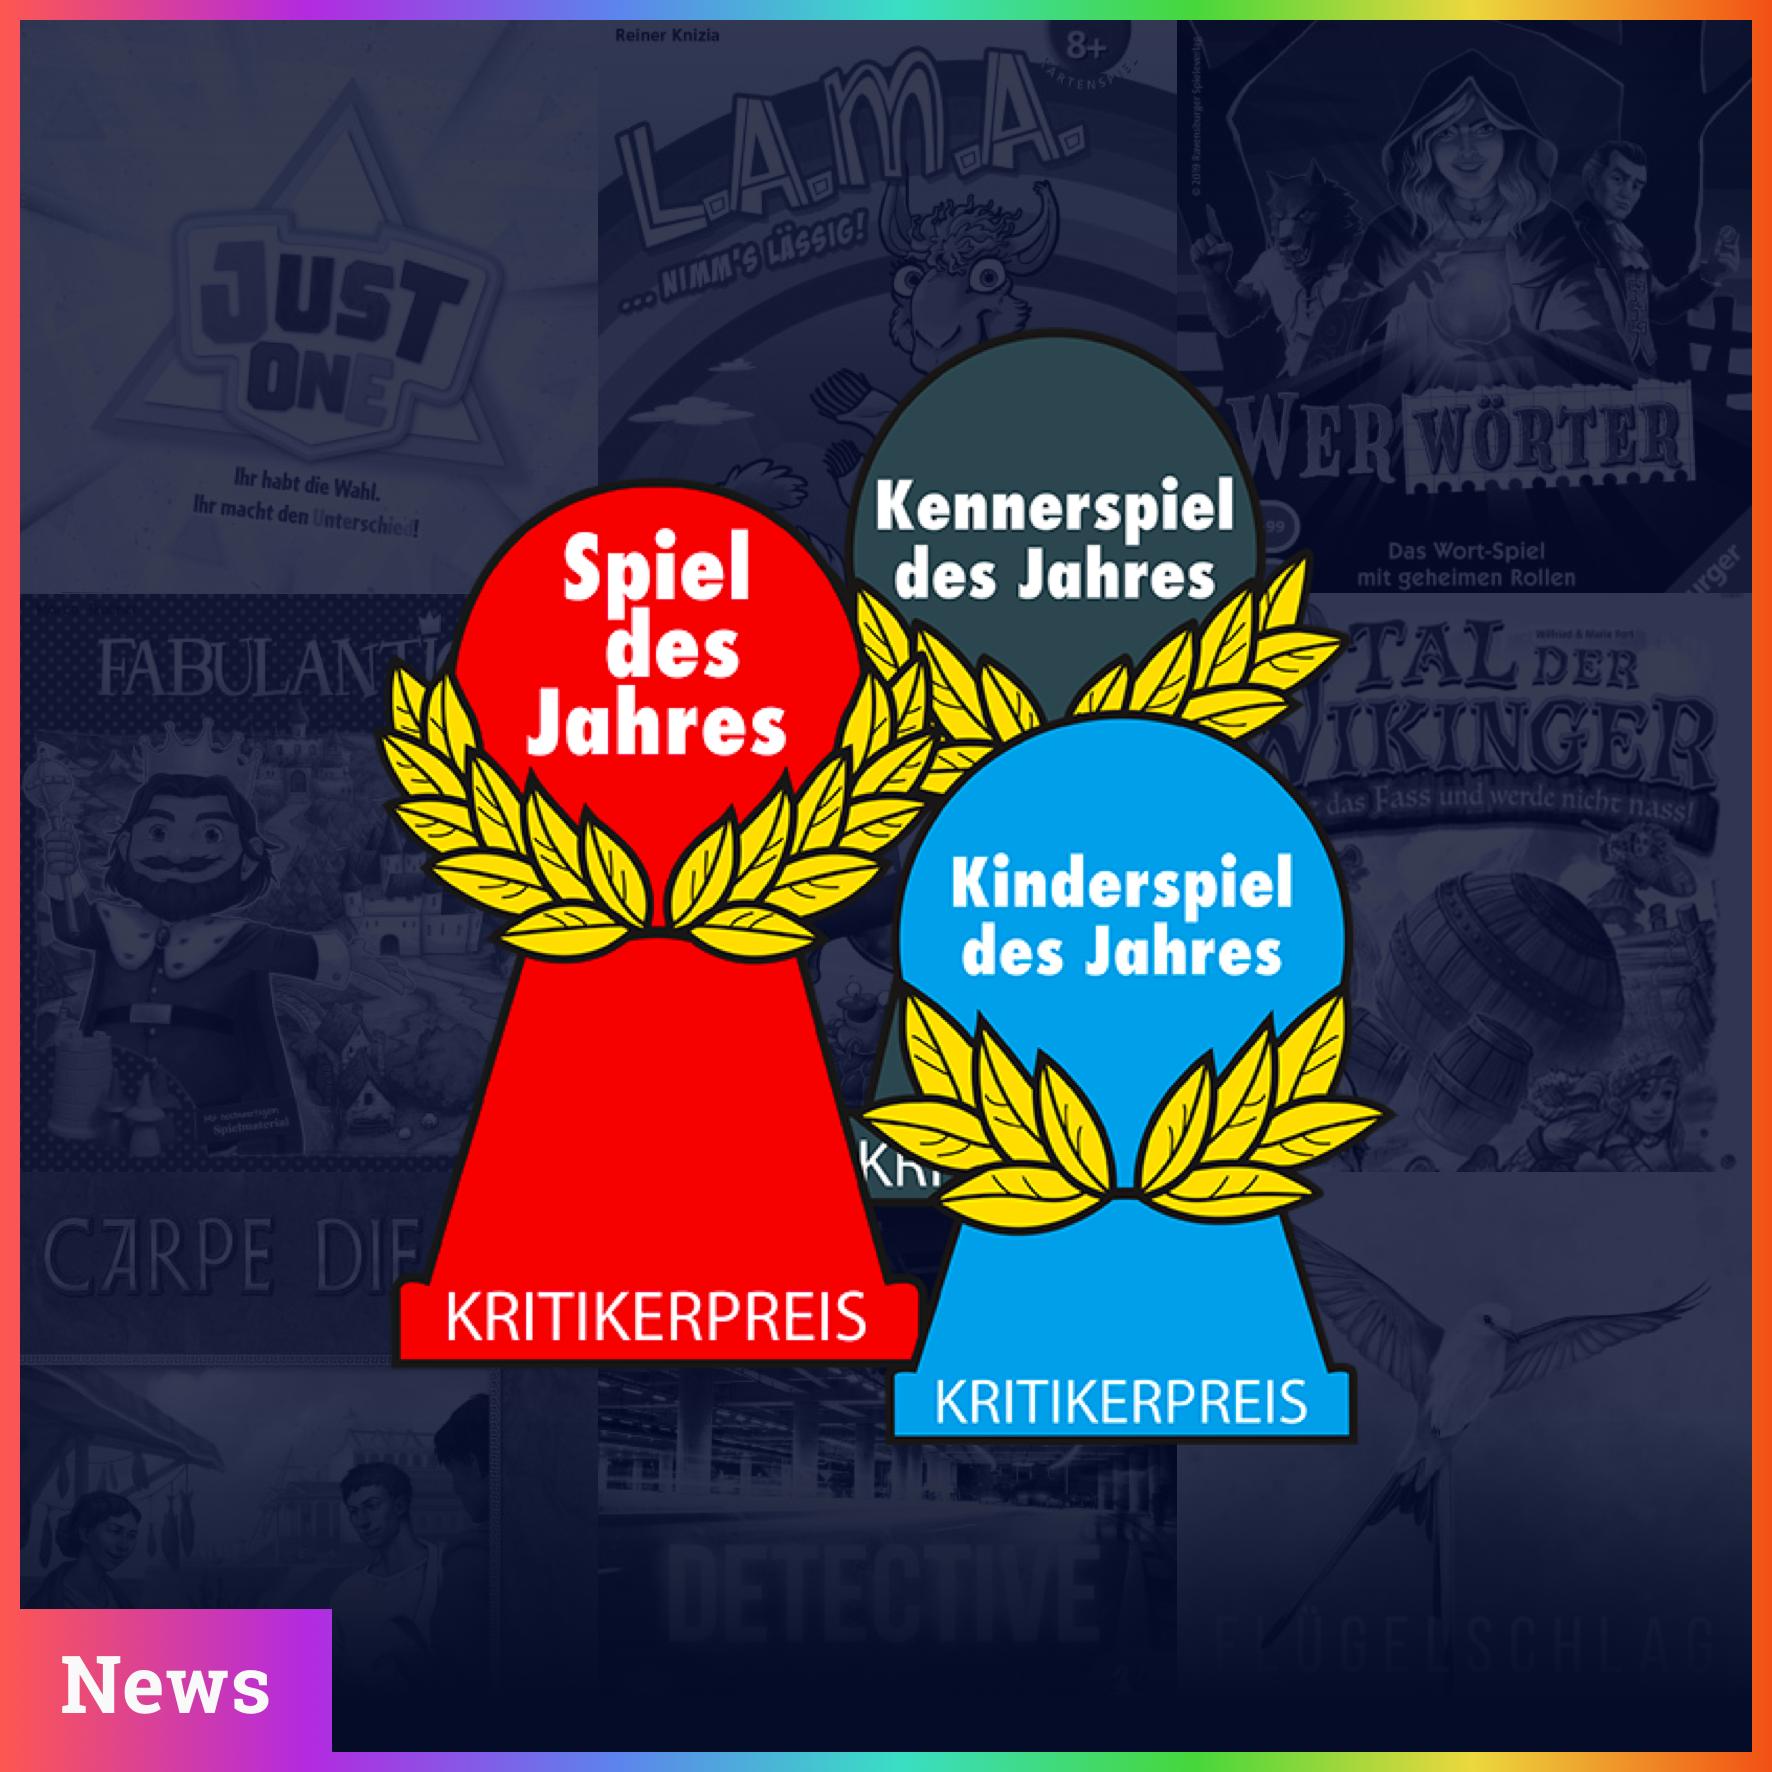 Spiel des Jahres 2019 - Die Nominierten